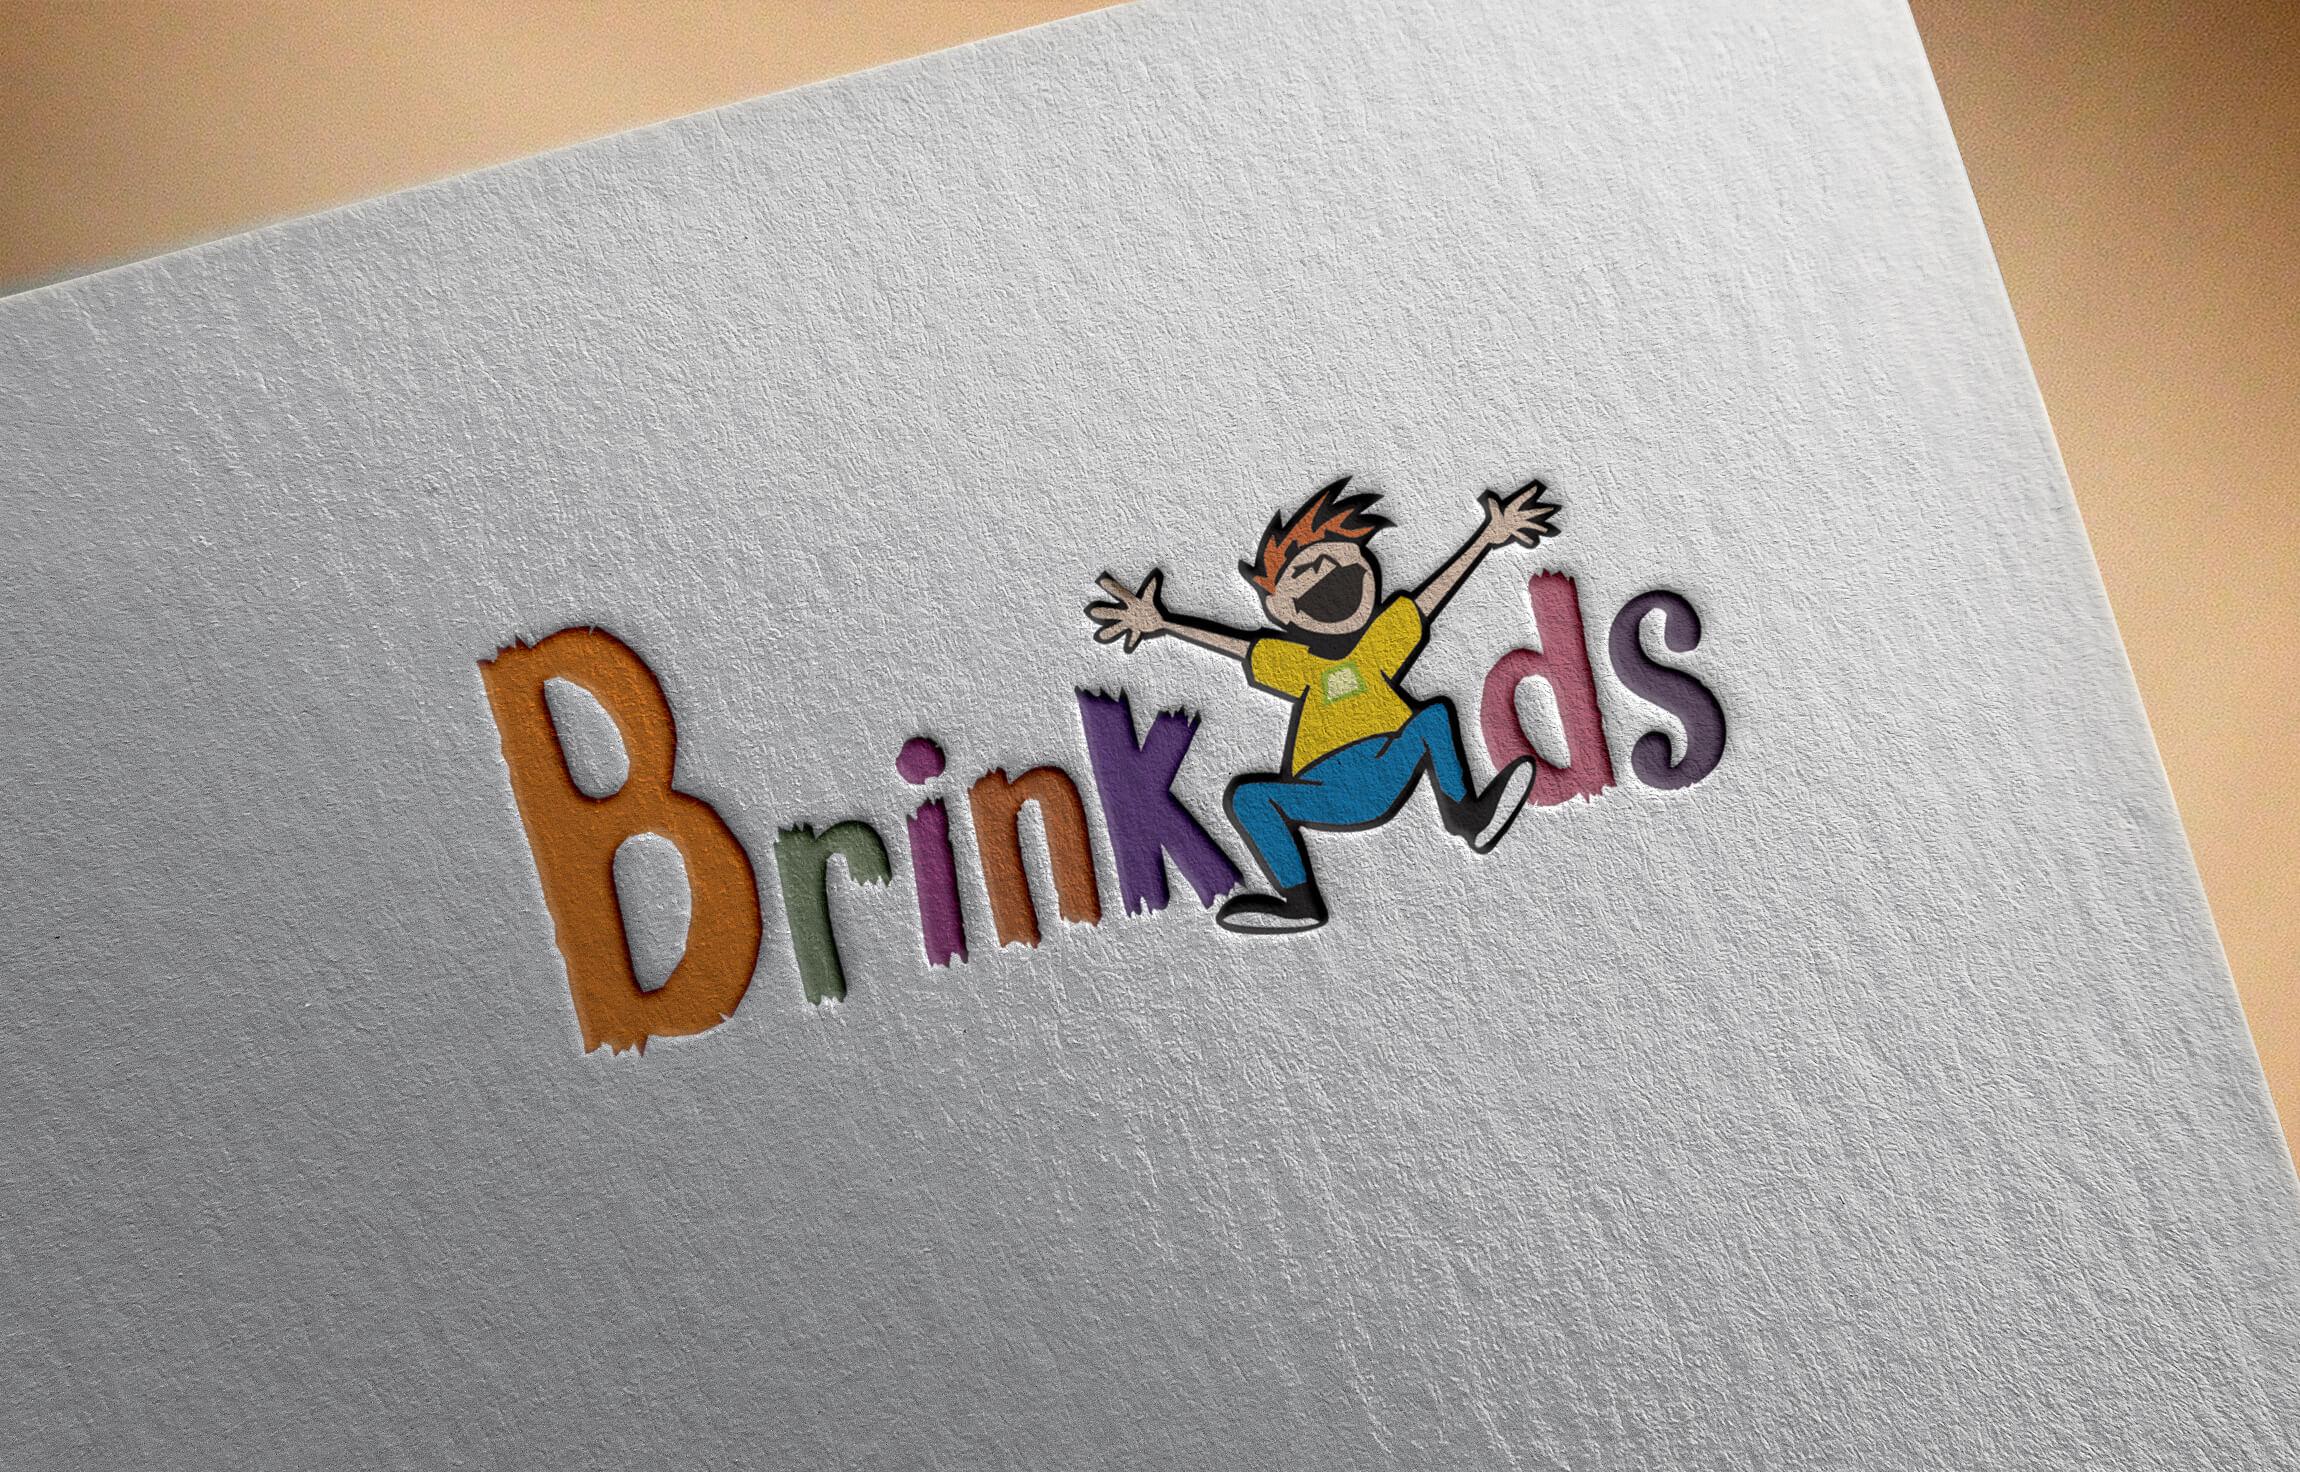 Brinkids -  | Way2Start - Design & Digital Agency